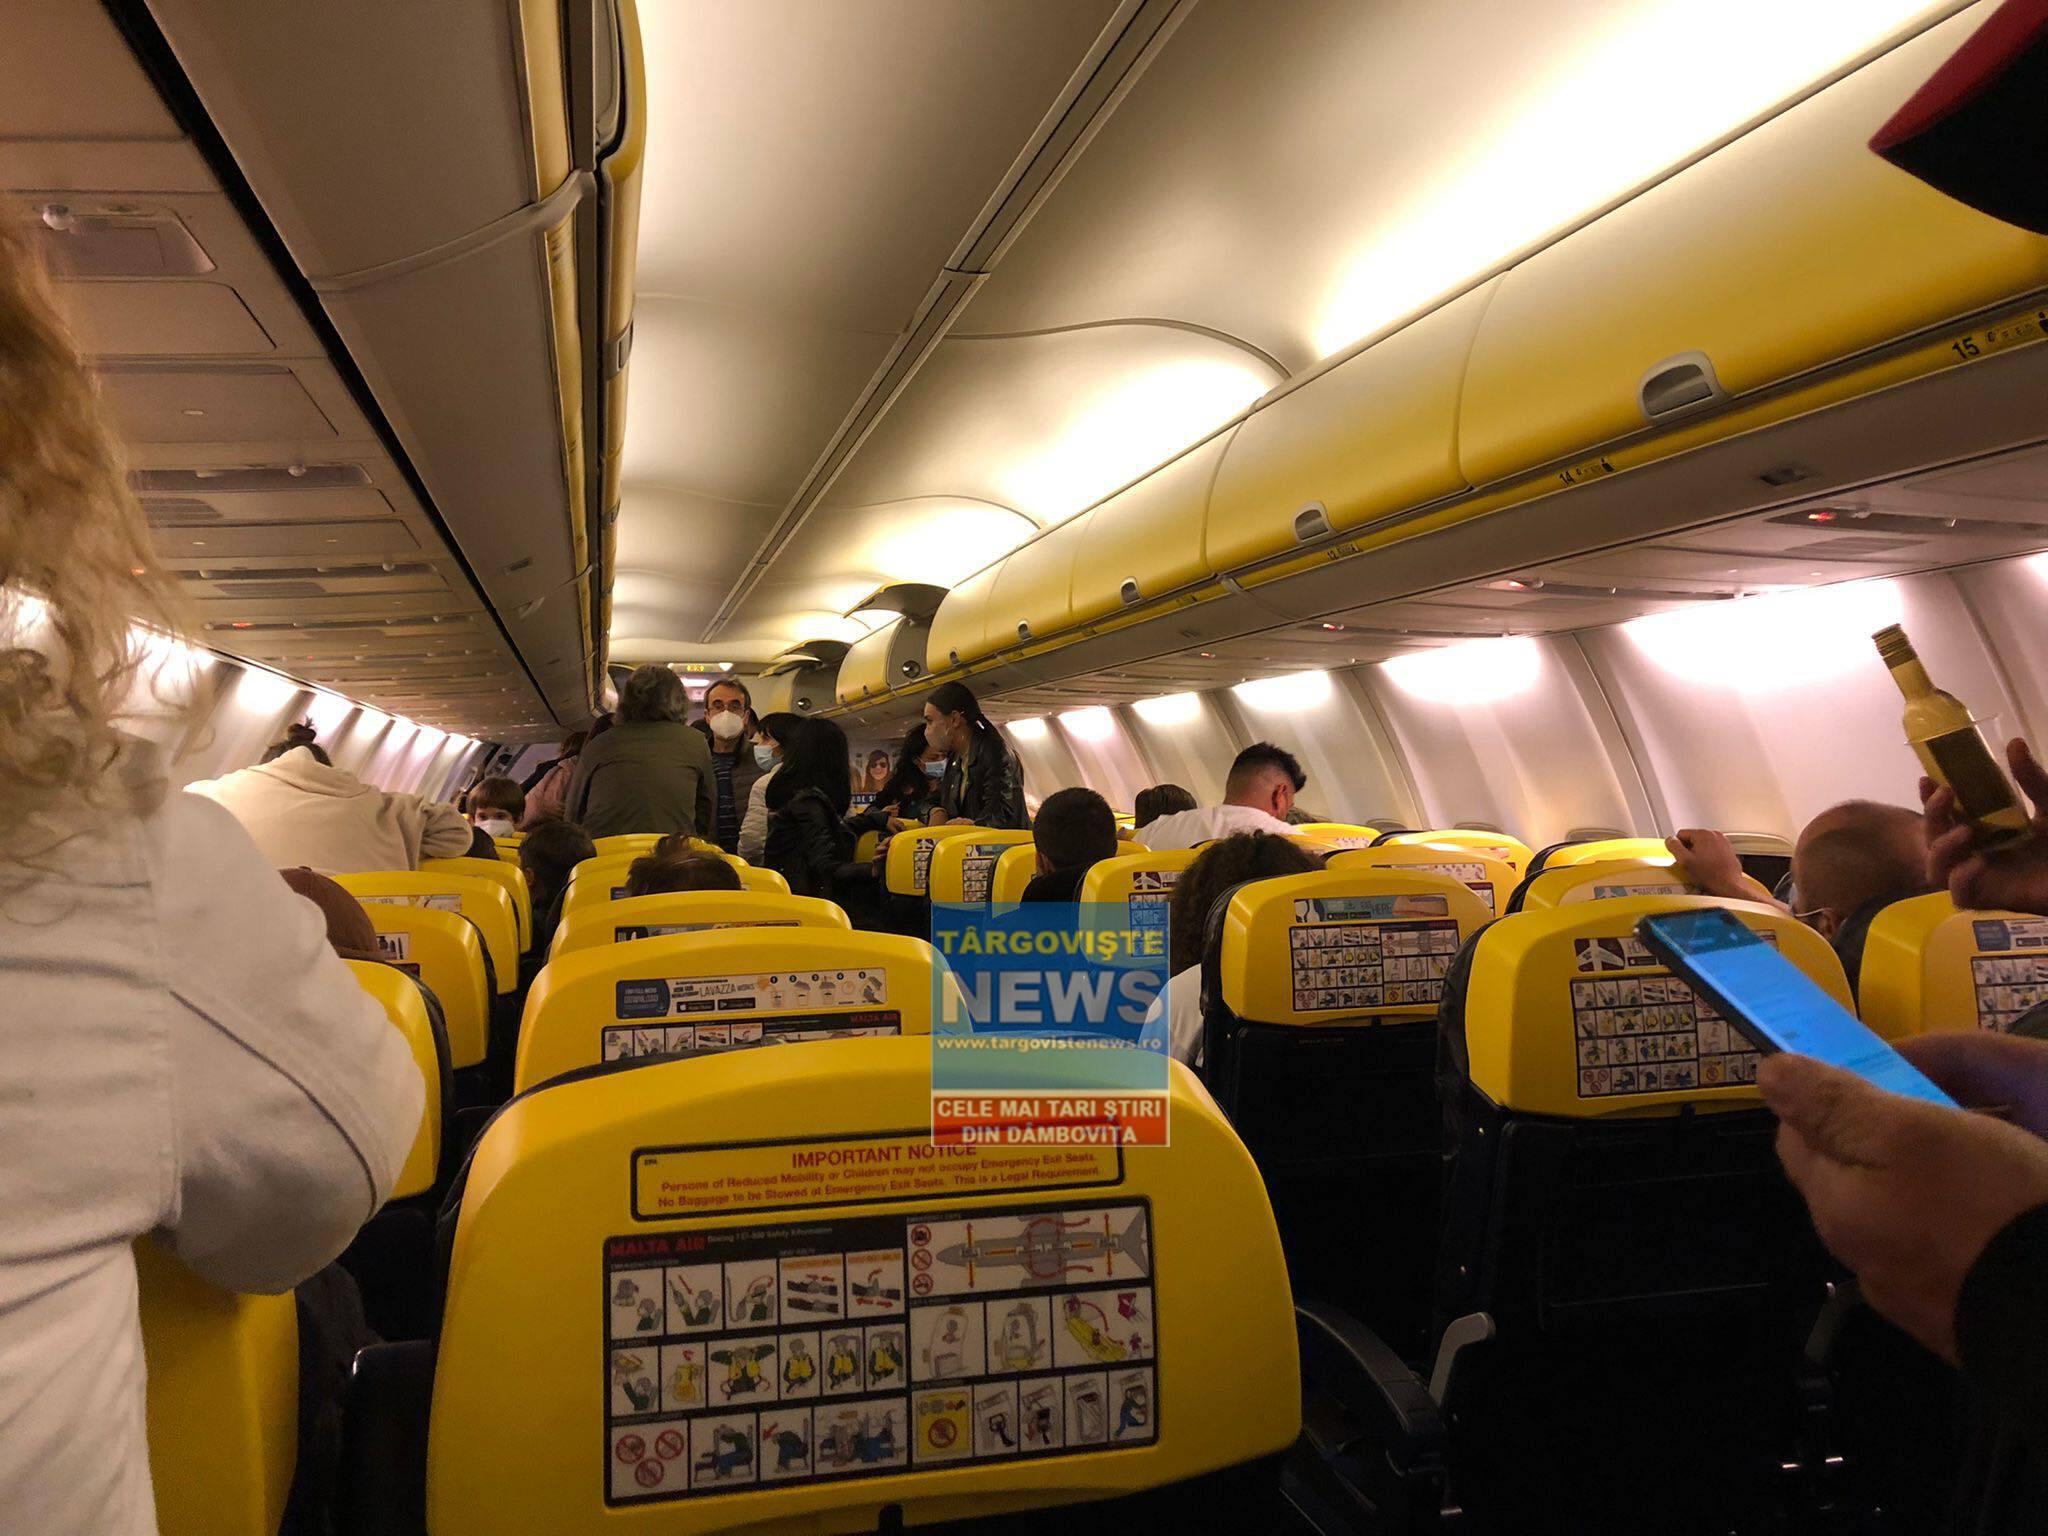 Târgovişteni, în călătorie cu peripeții. Avionul în care se aflau nu a putut ateriza în Corfu din cauza vremii și s-a întors în București